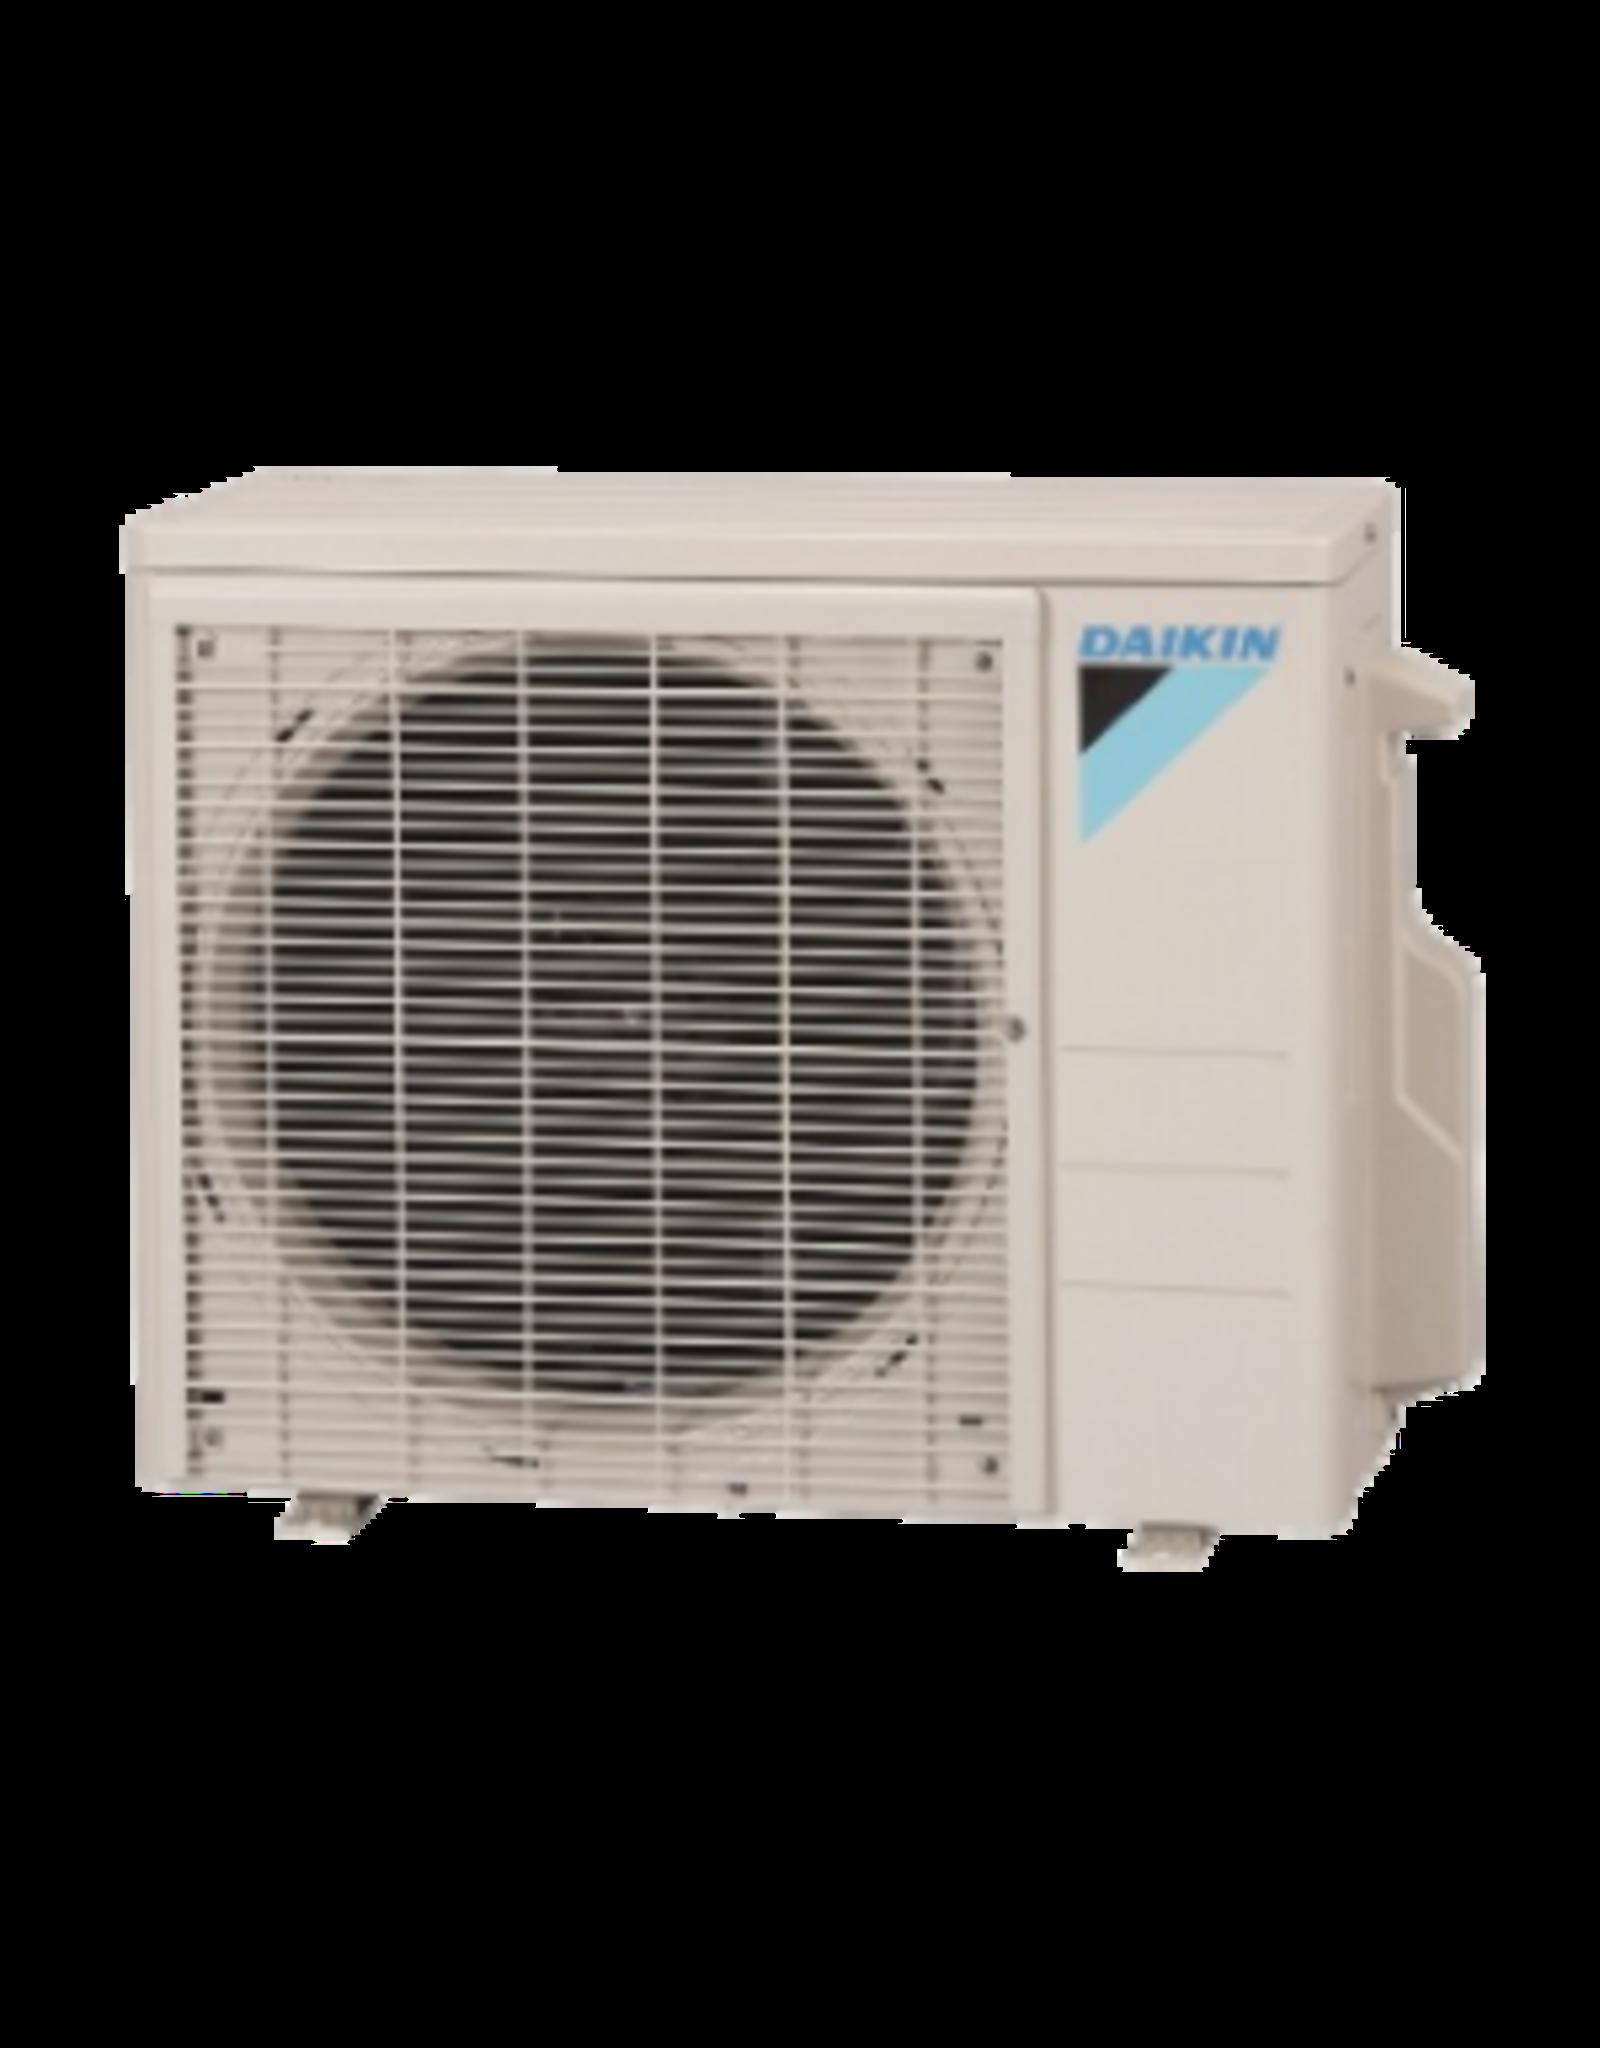 Daikin Applied Americas VISTA/FDMQ Heat-Pump Single Zone Condenser Unit - 208/230v - 1ph